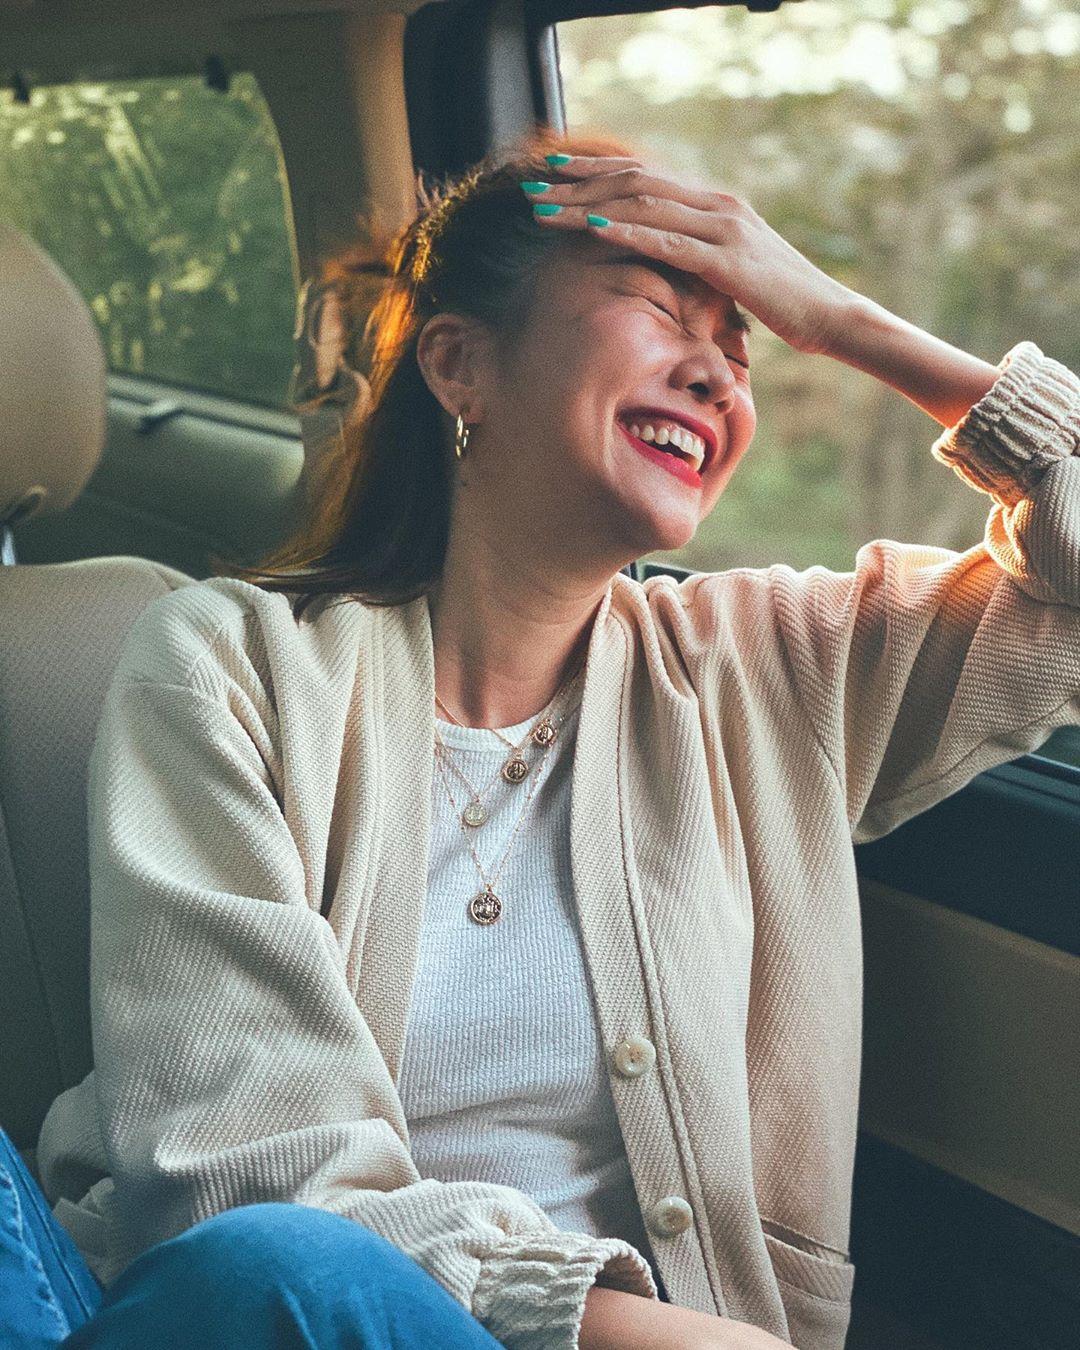 3 kiểu áo khoác khi trở lạnh được lòng hội chị em tuổi 30+ 'nhà Vbiz': Phạm Quỳnh Anh 'buông lơi' như idol Kpop, Hà Tăng lại hack tuổi đỉnh cao không thua gái 18 6